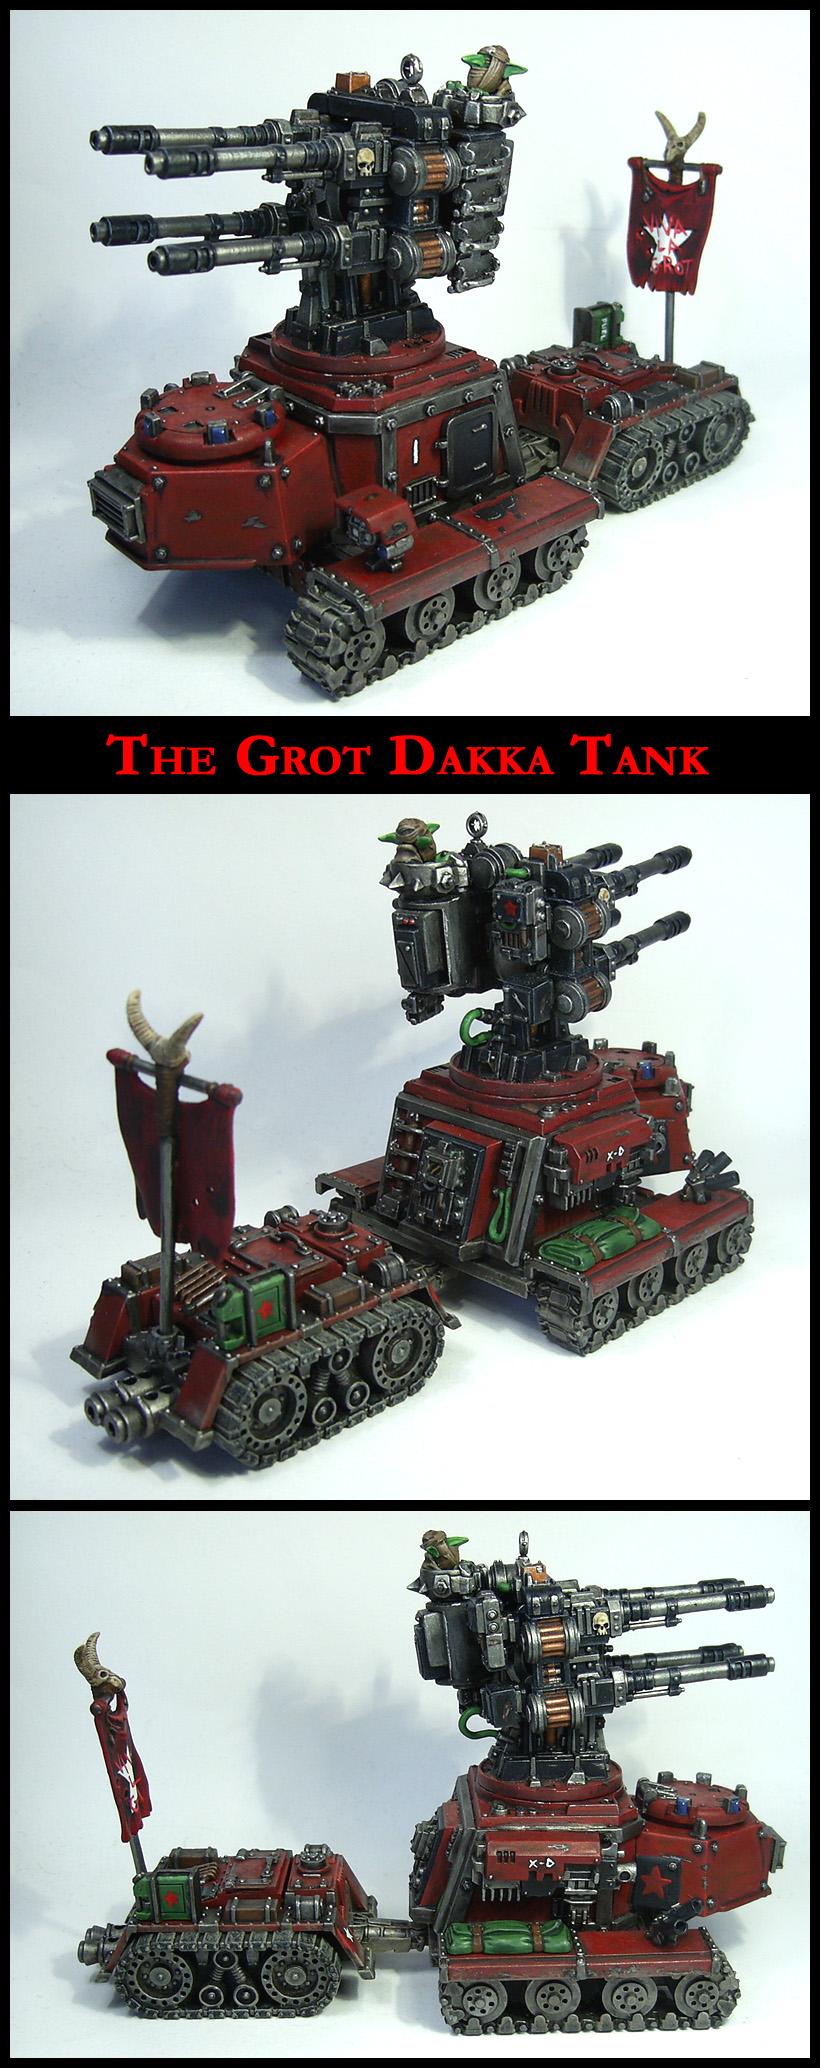 Grot Dakka Tank by Proiteus